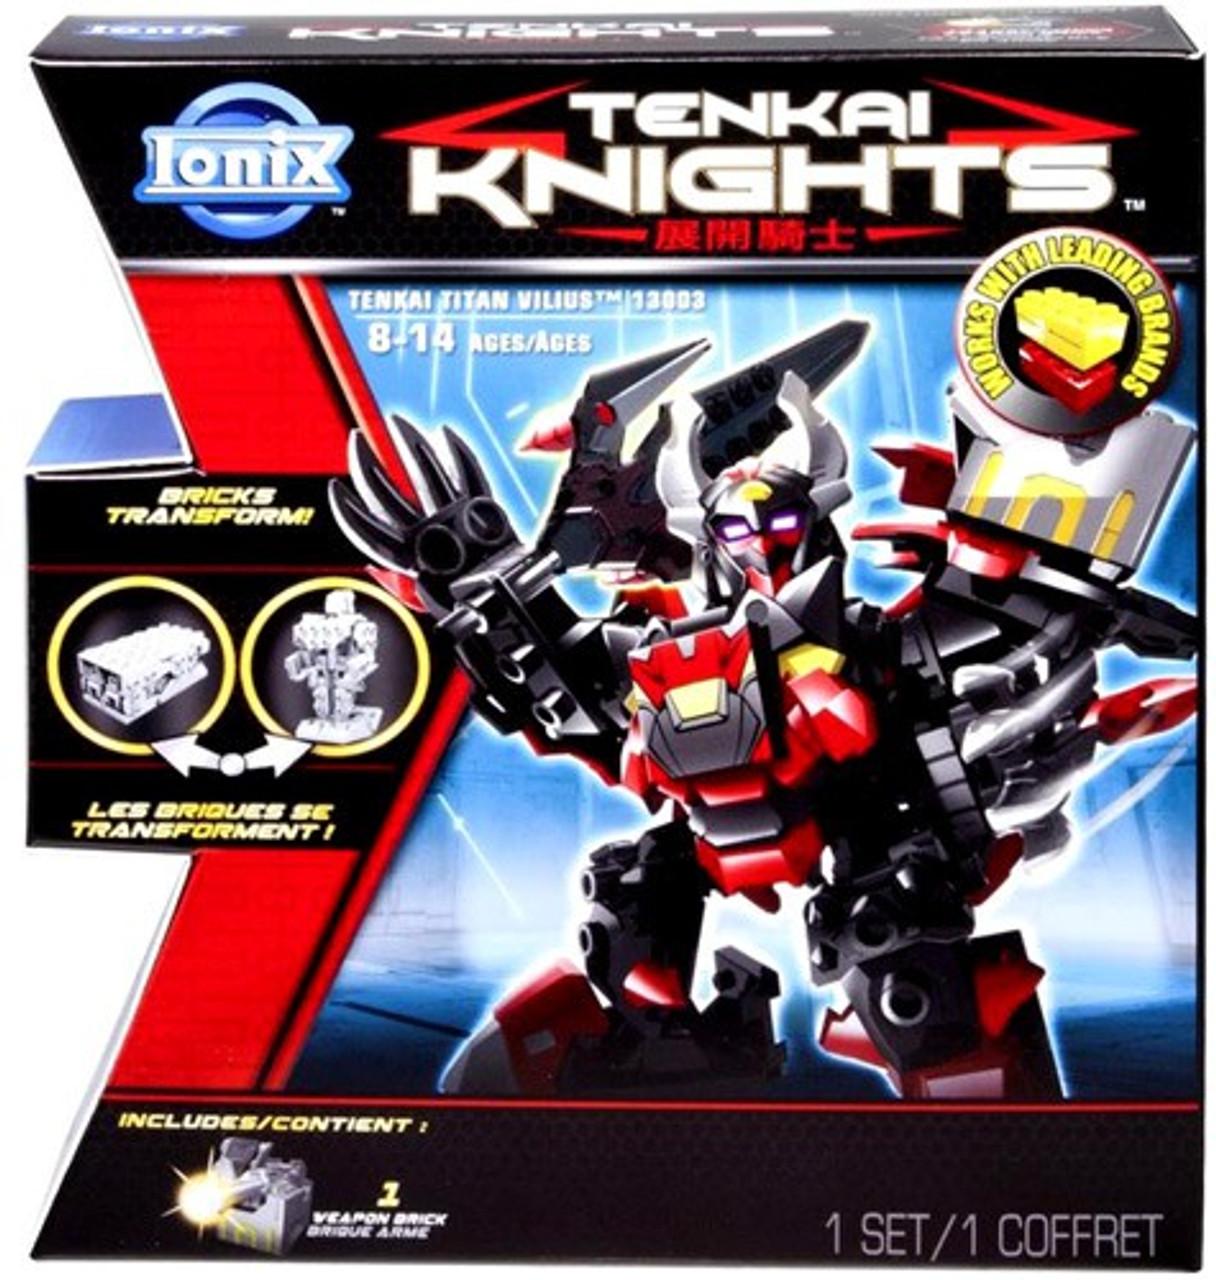 Tenkai Knights Tenkai Titan Vilius Set #13003